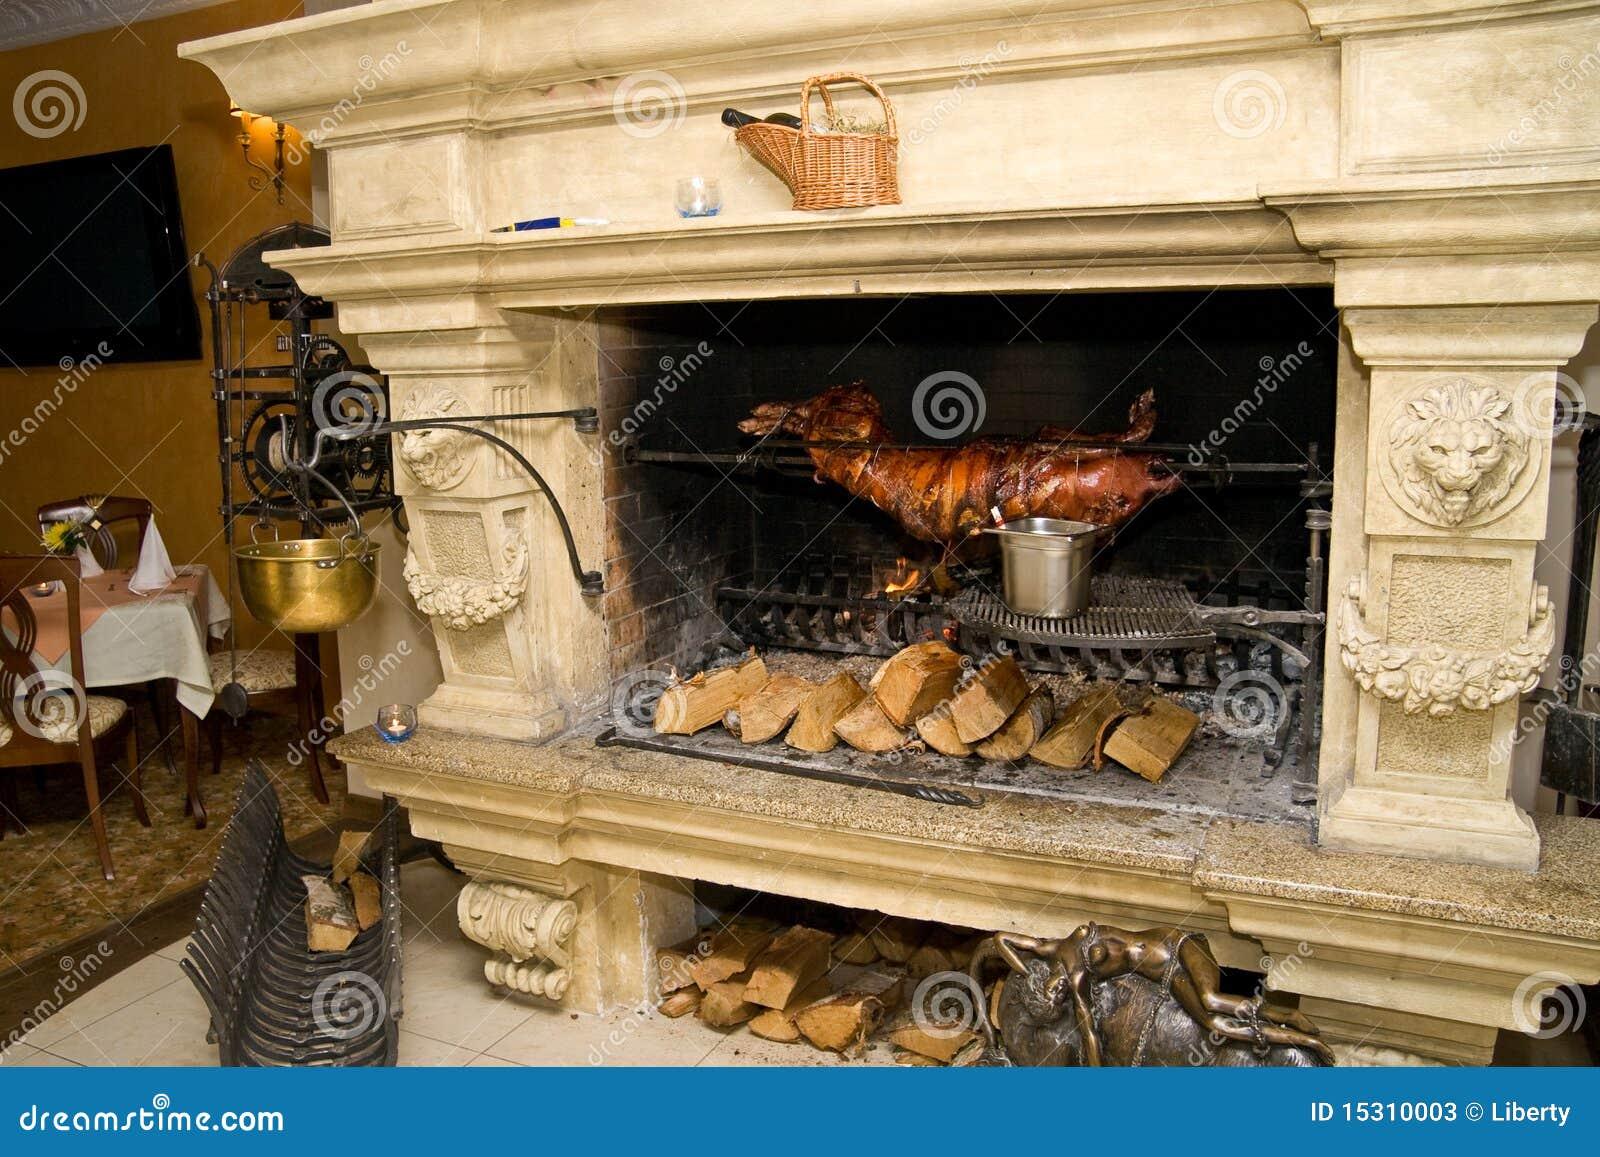 El cocinar de la chimenea fotos de archivo imagen 15310003 - Cocinar en la chimenea ...